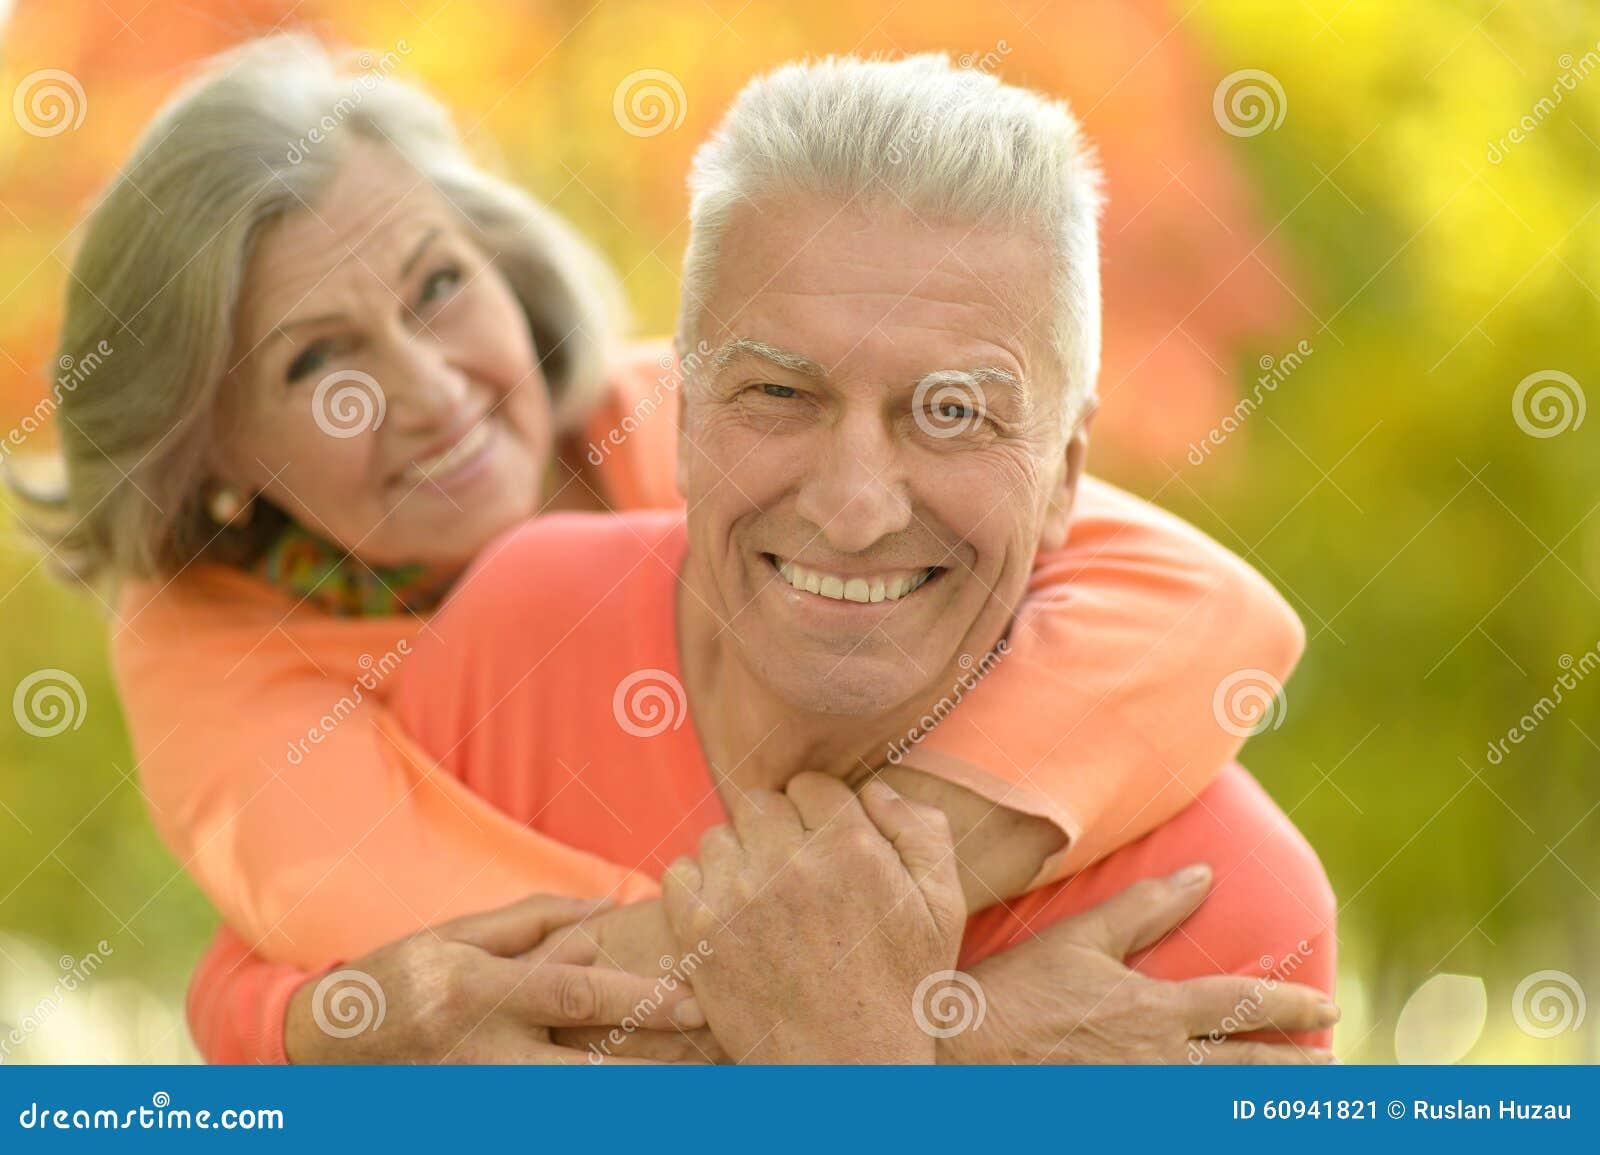 America Religious Seniors Singles Online Dating Website